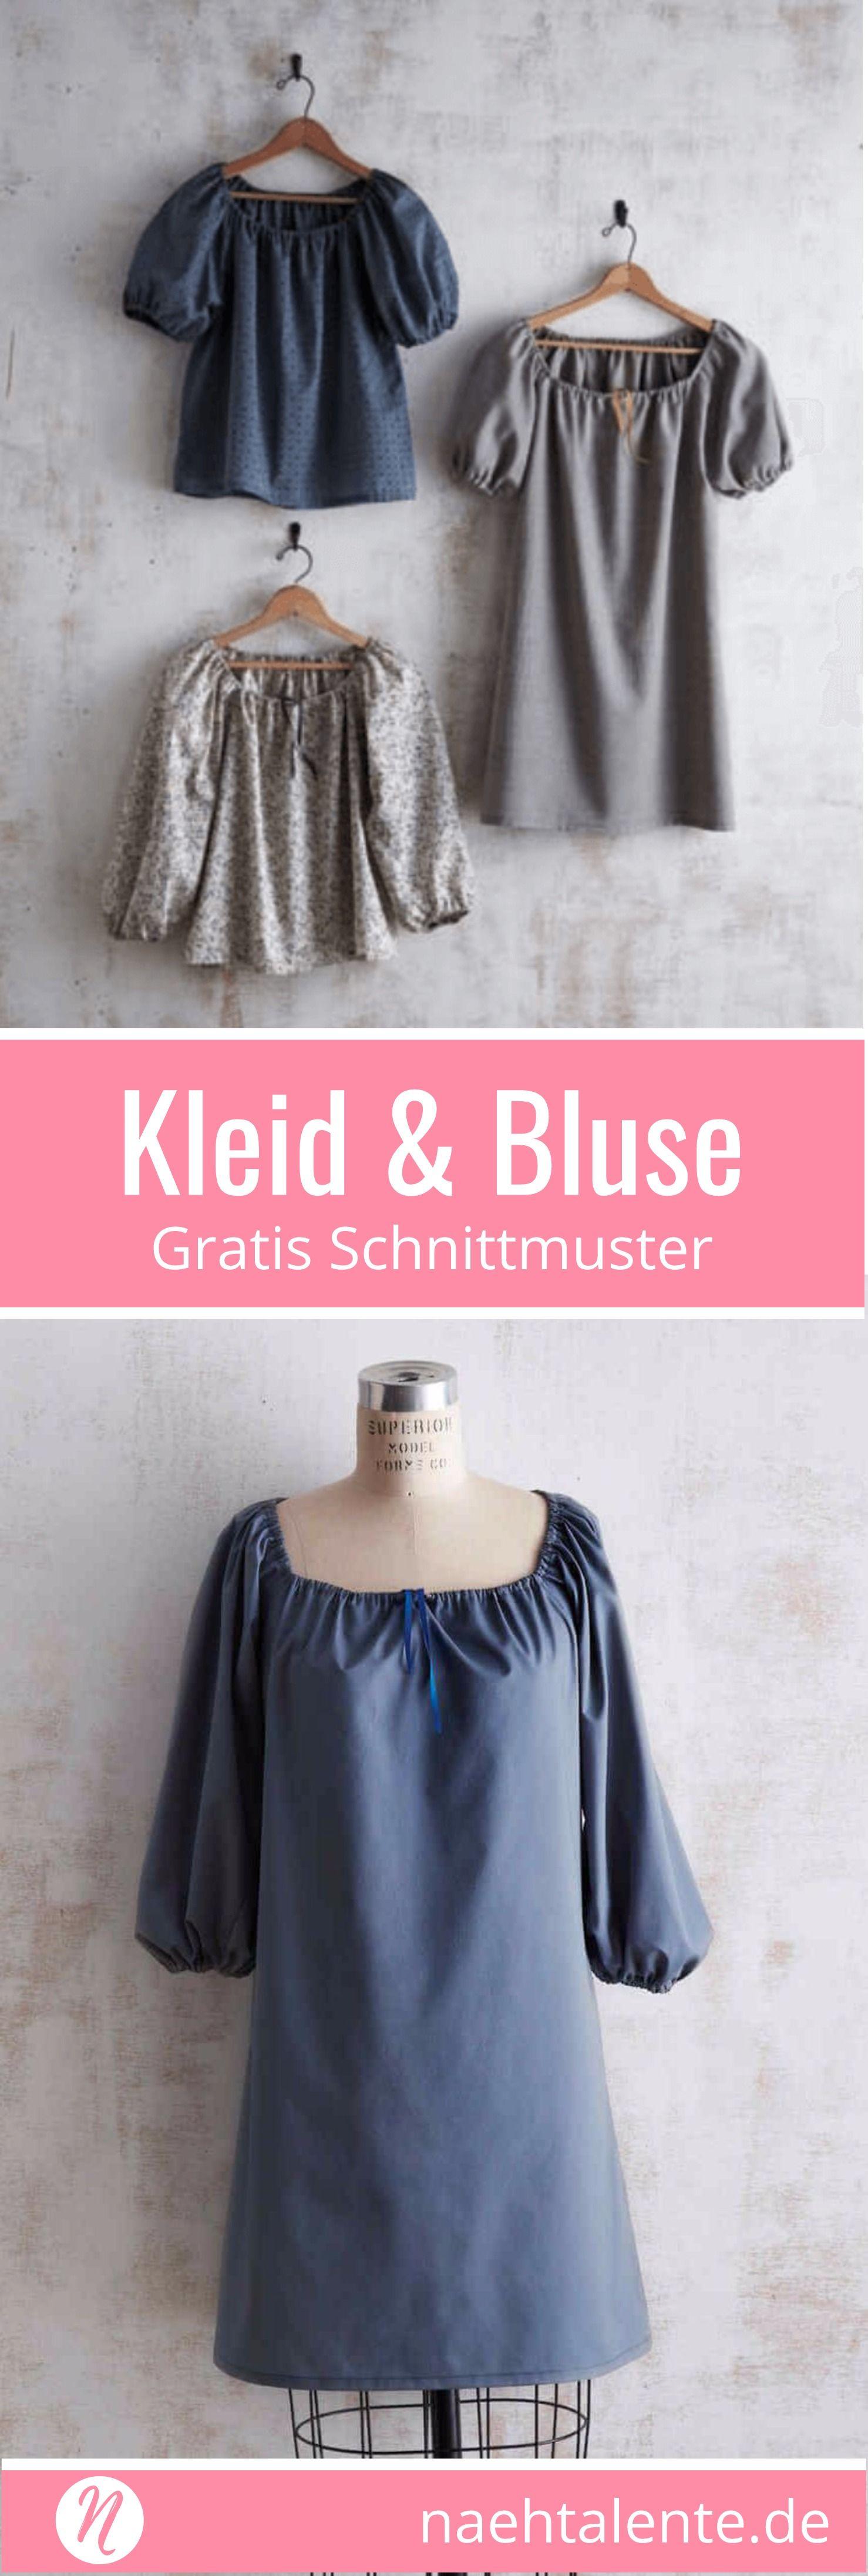 Kleid und Bluse mit gerafftem Ausschnitt | Pinterest | Gratis ...